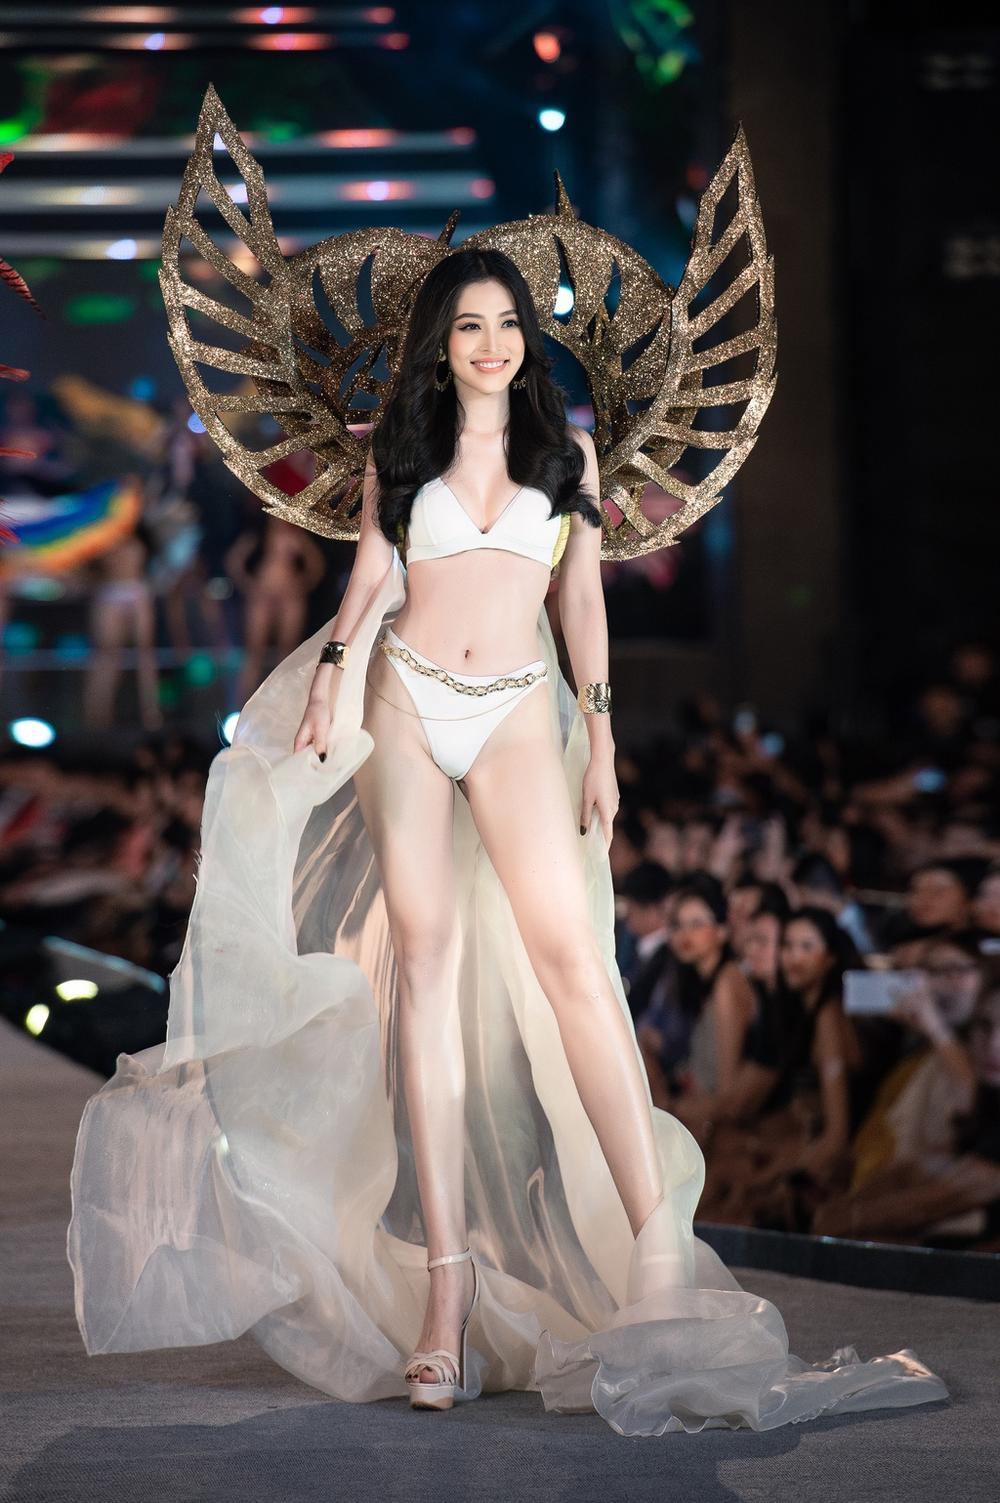 Hoa hậu Tiểu Vy cosplay thiết kế nội y như cựu thiên thần Victoria's Secret Ảnh 8